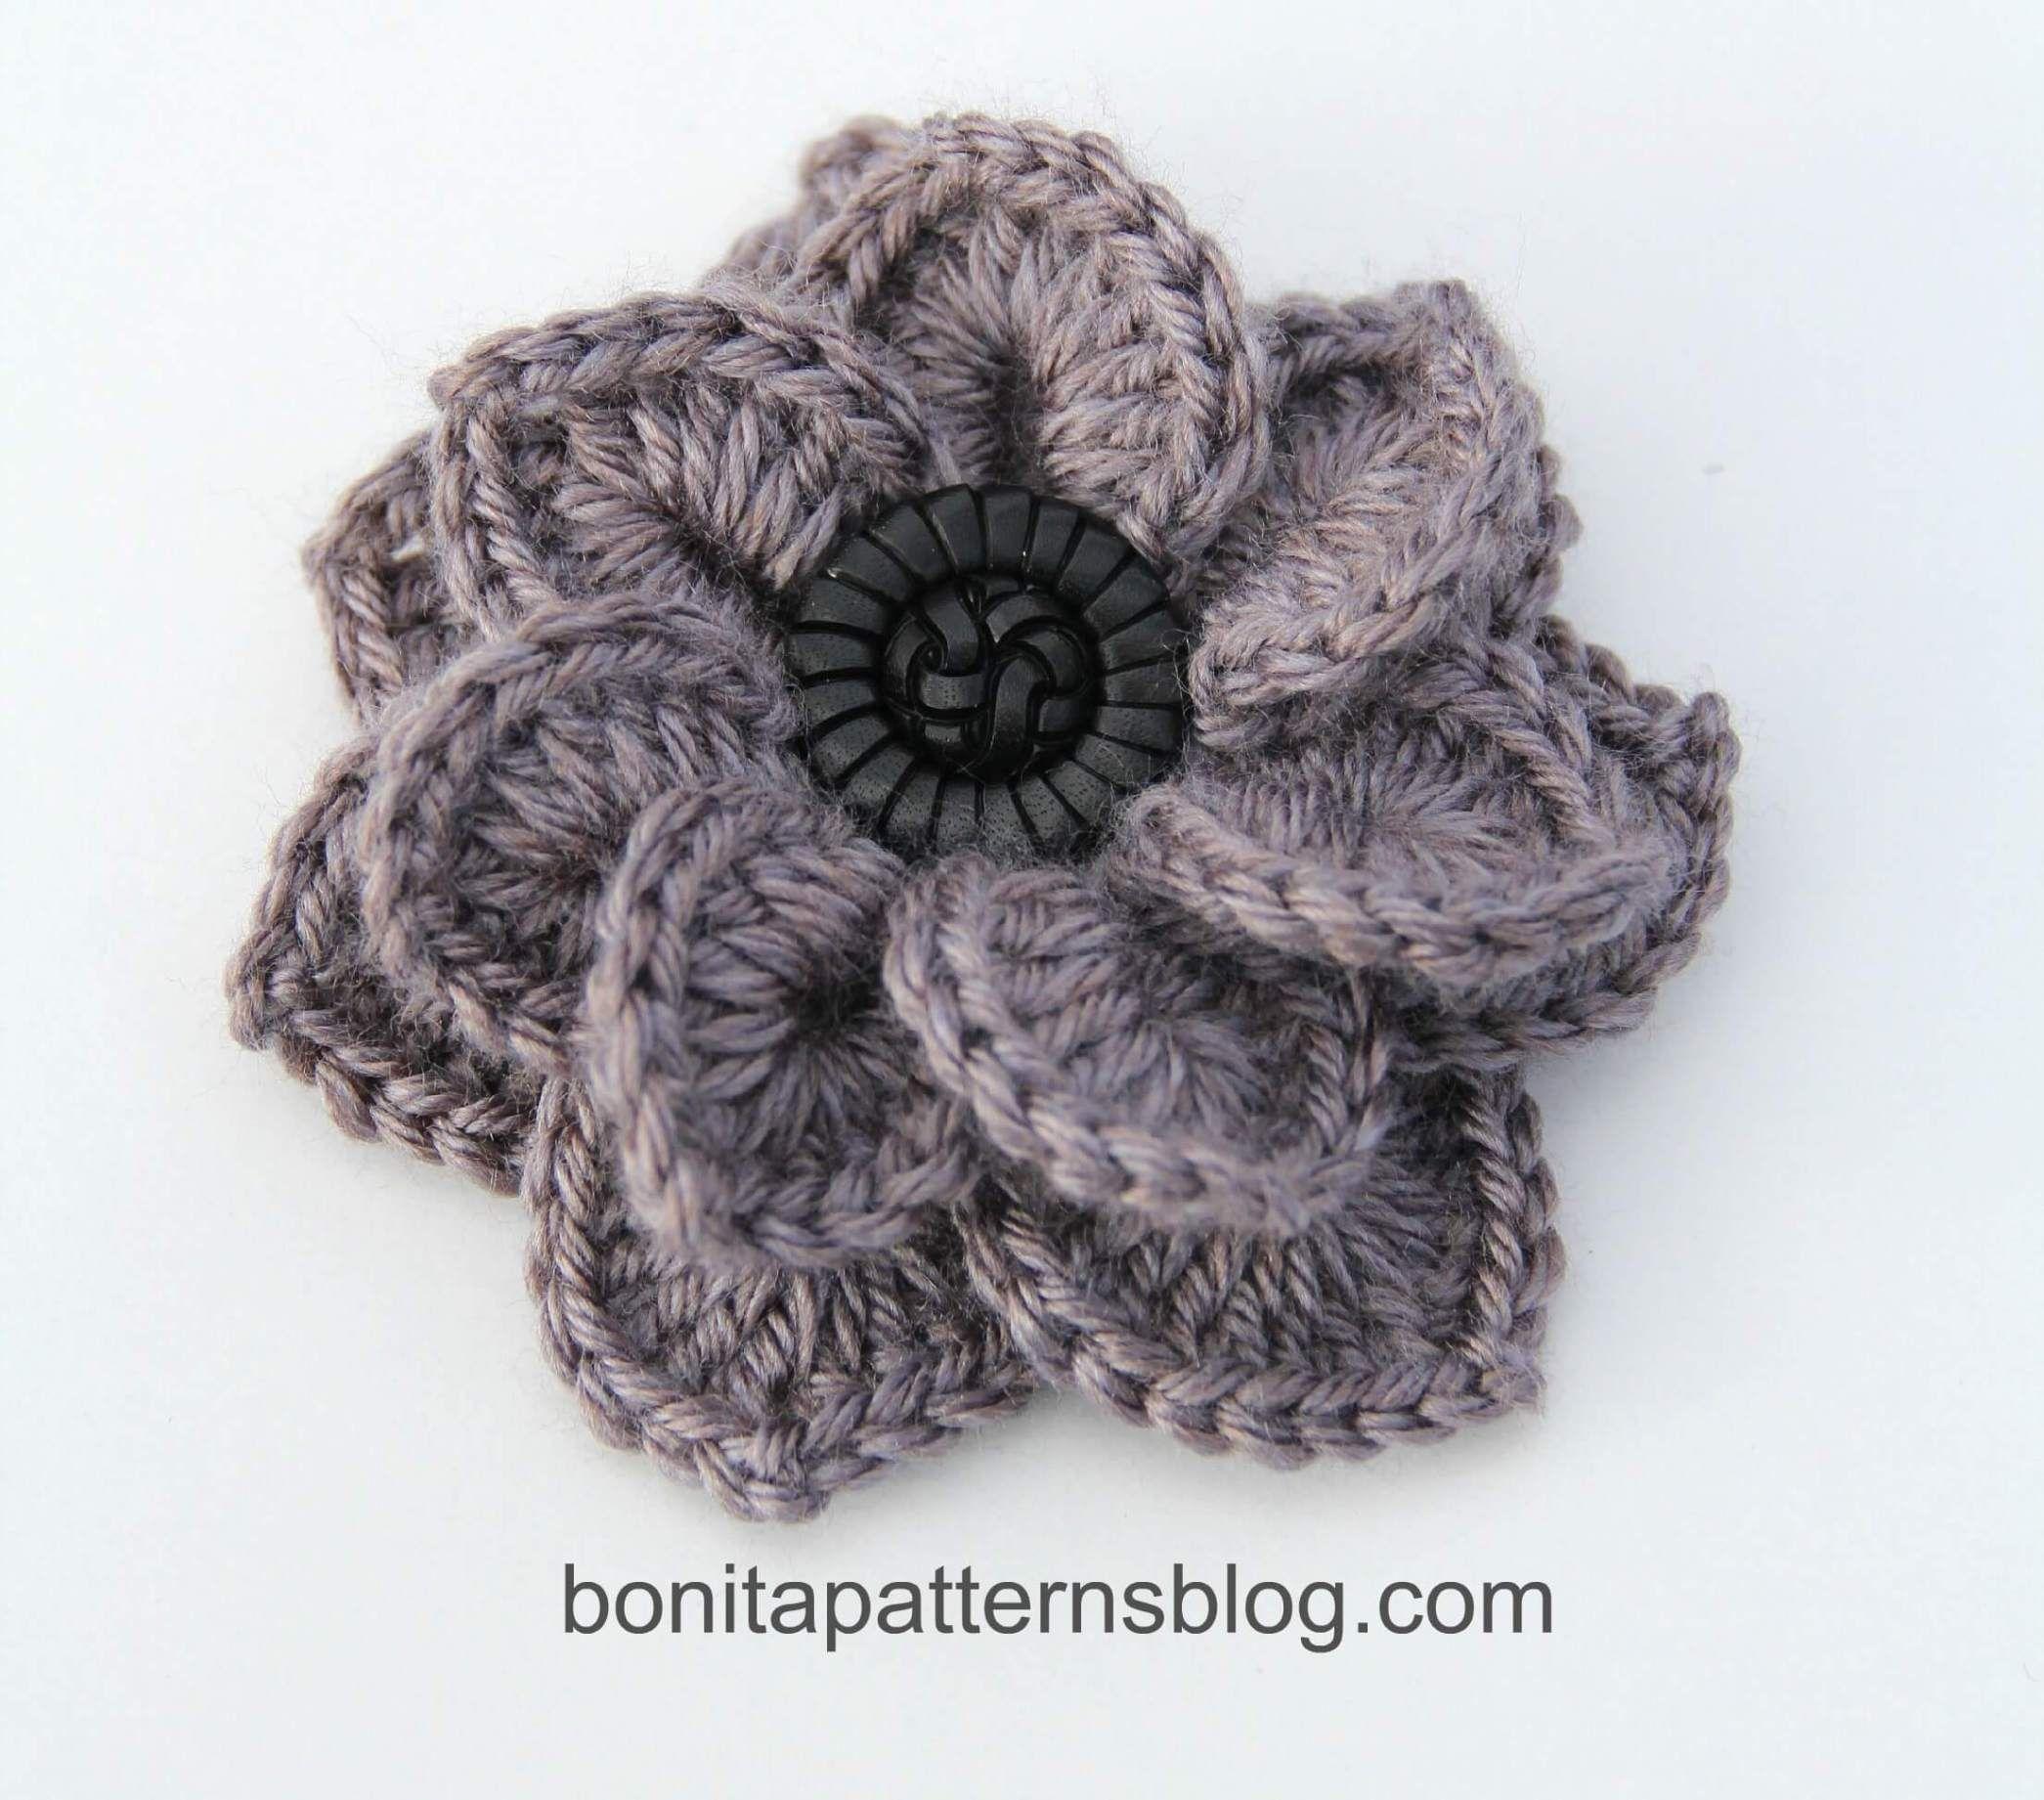 Crochet flower free pattern crochetknit pinterest crochet top 10 free crochet flower patterns bankloansurffo Gallery